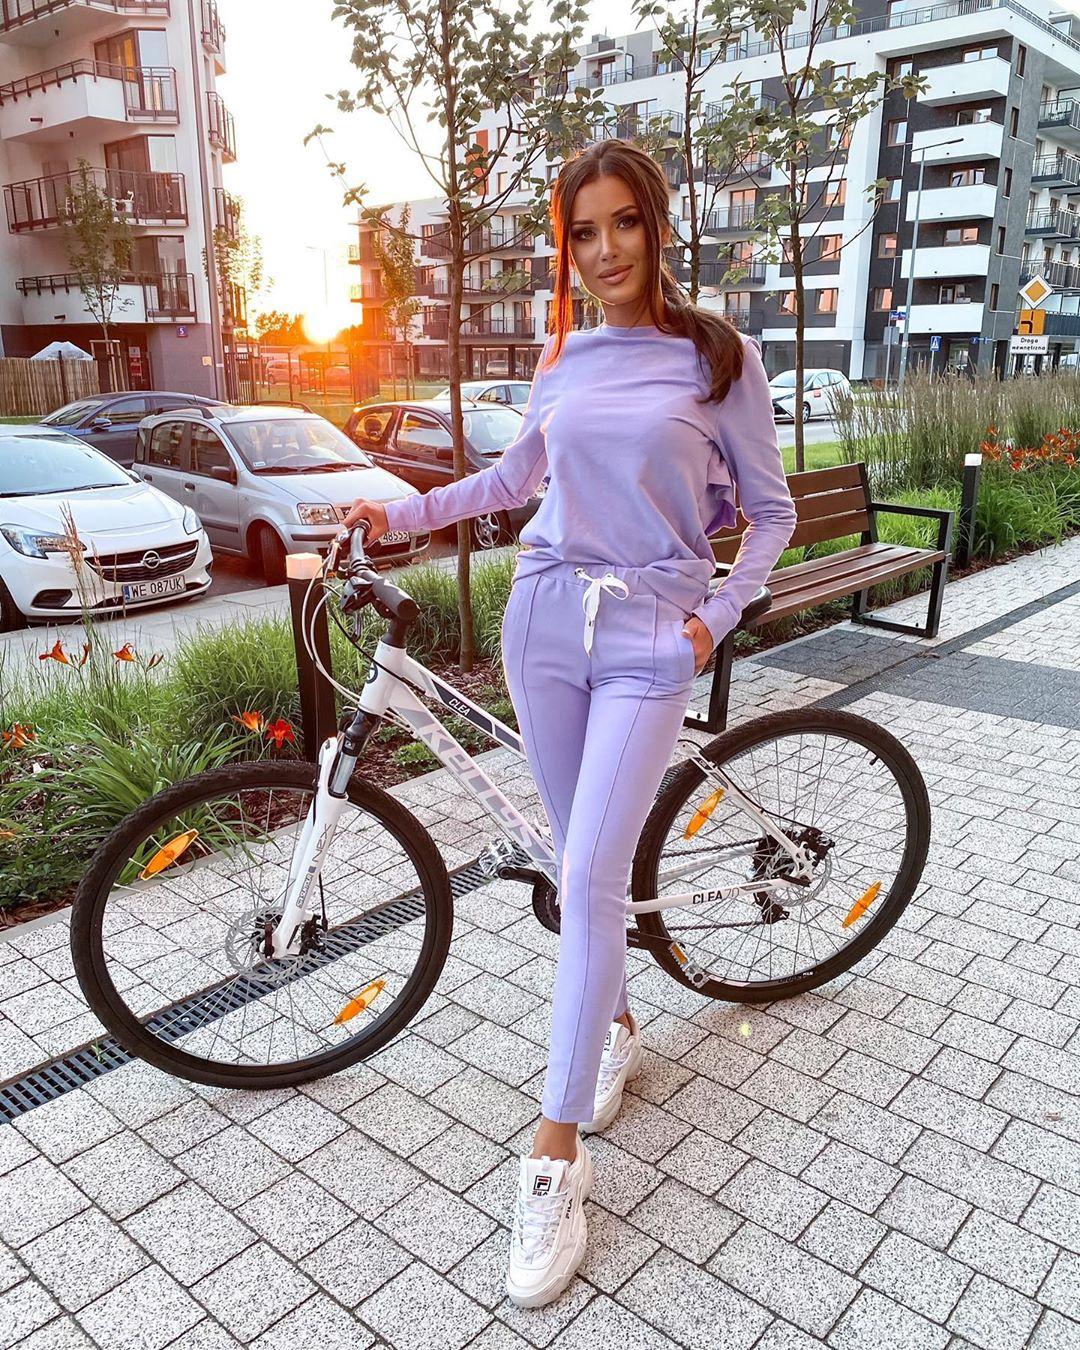 Halinka-Wisniewska-Wallpapers-Insta-Fit-Bio-5